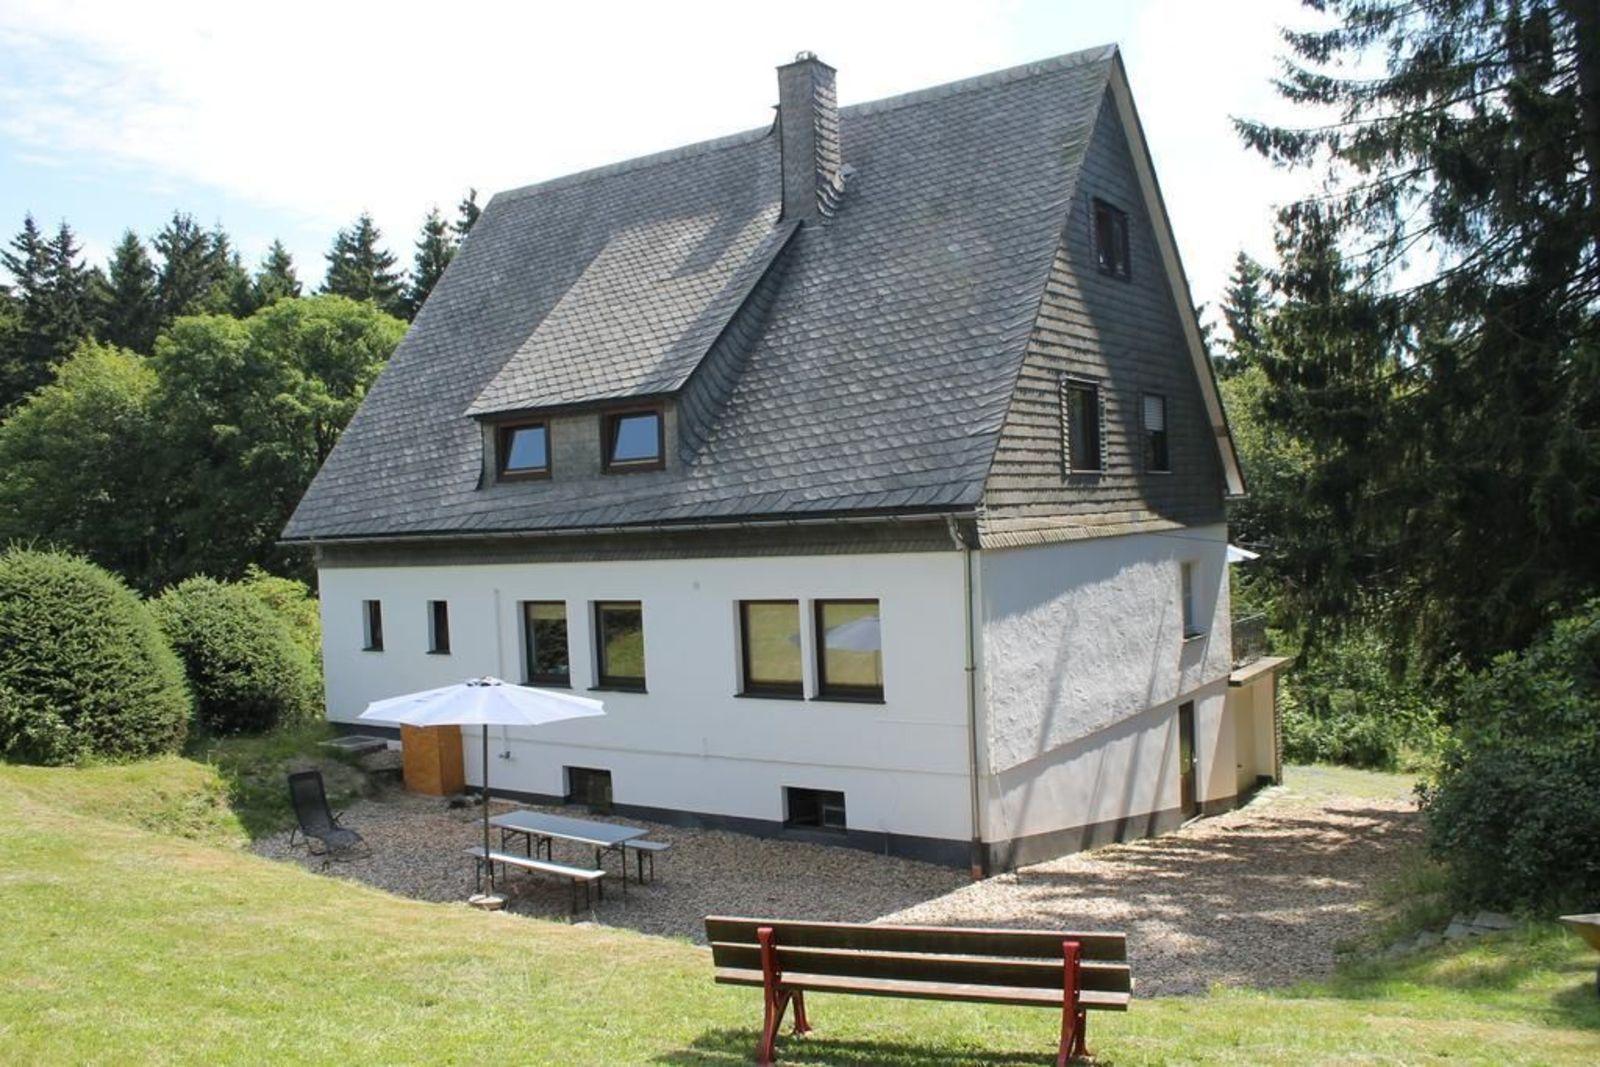 Landhuis Wilhelm - luxe vakantiehuis Winterberg